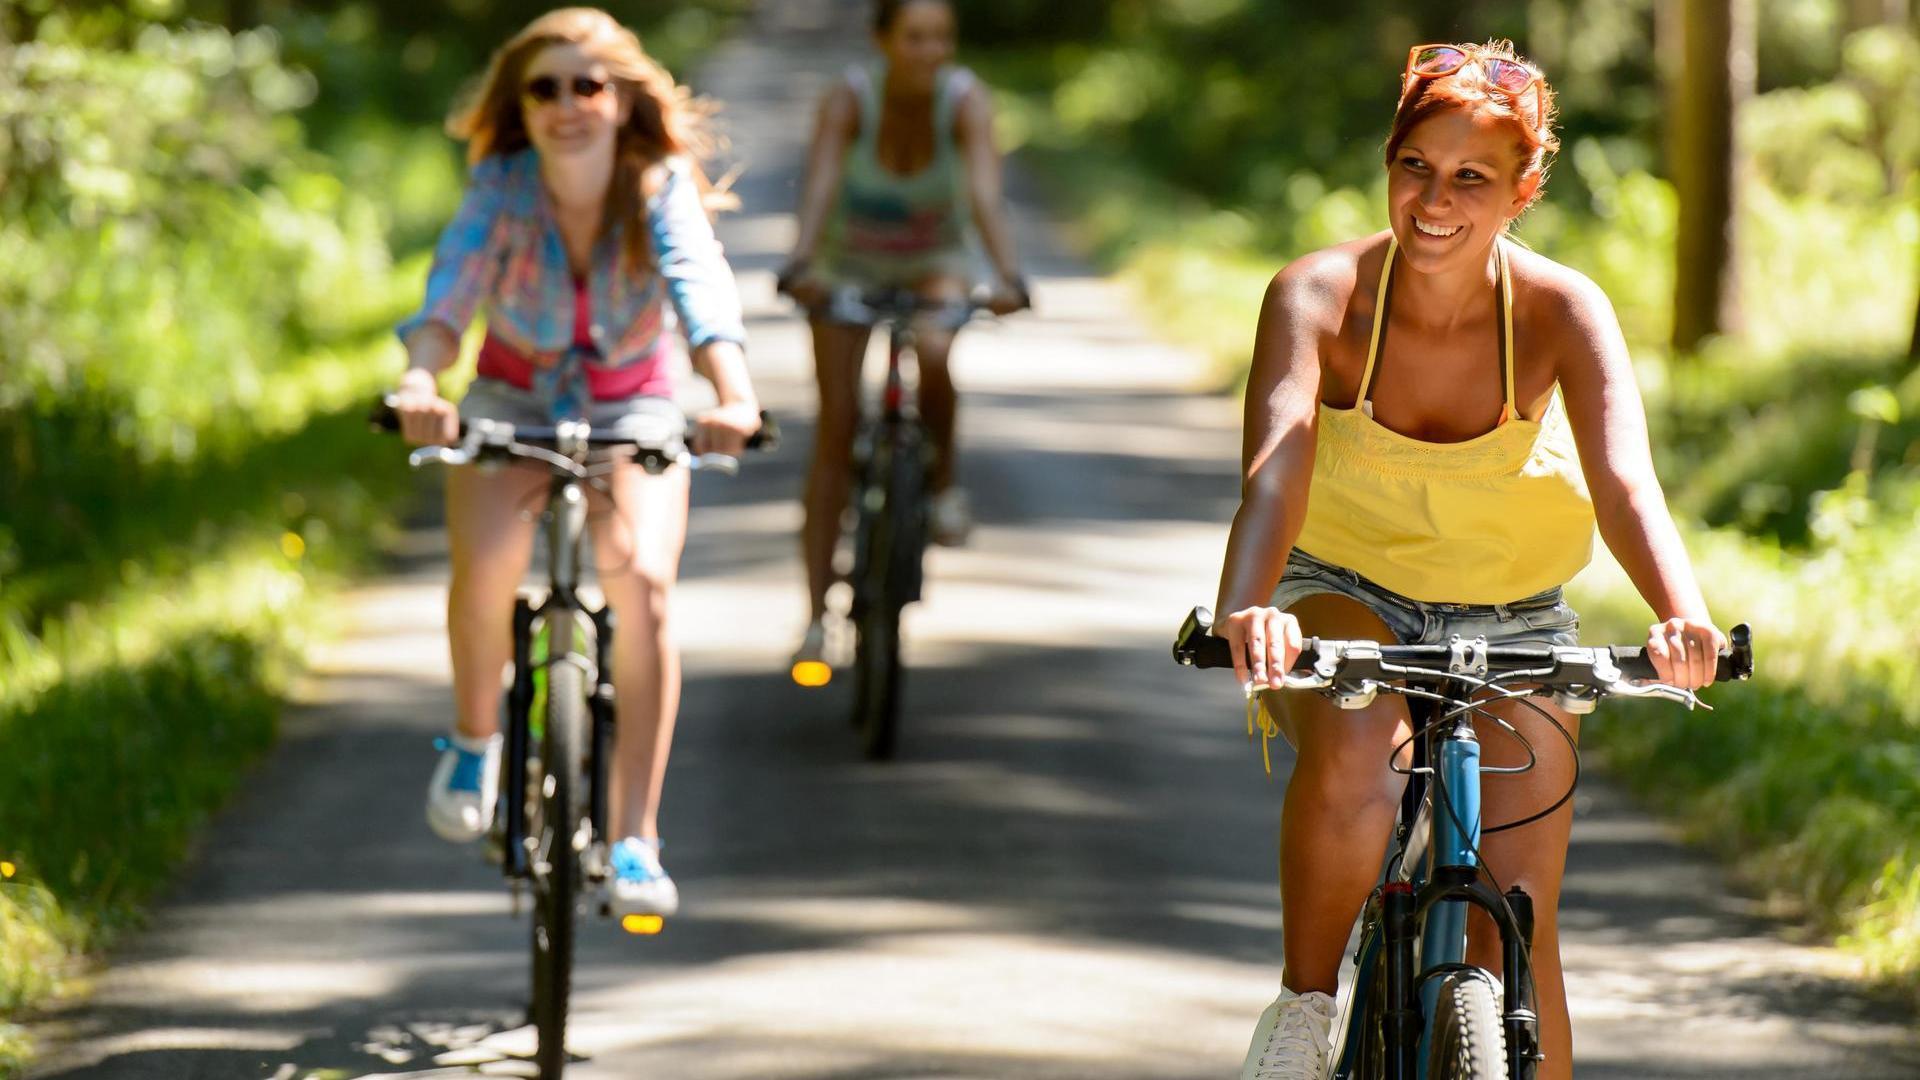 Как похудеть, катаясь на велосипеде: правила и выбор снаряжения